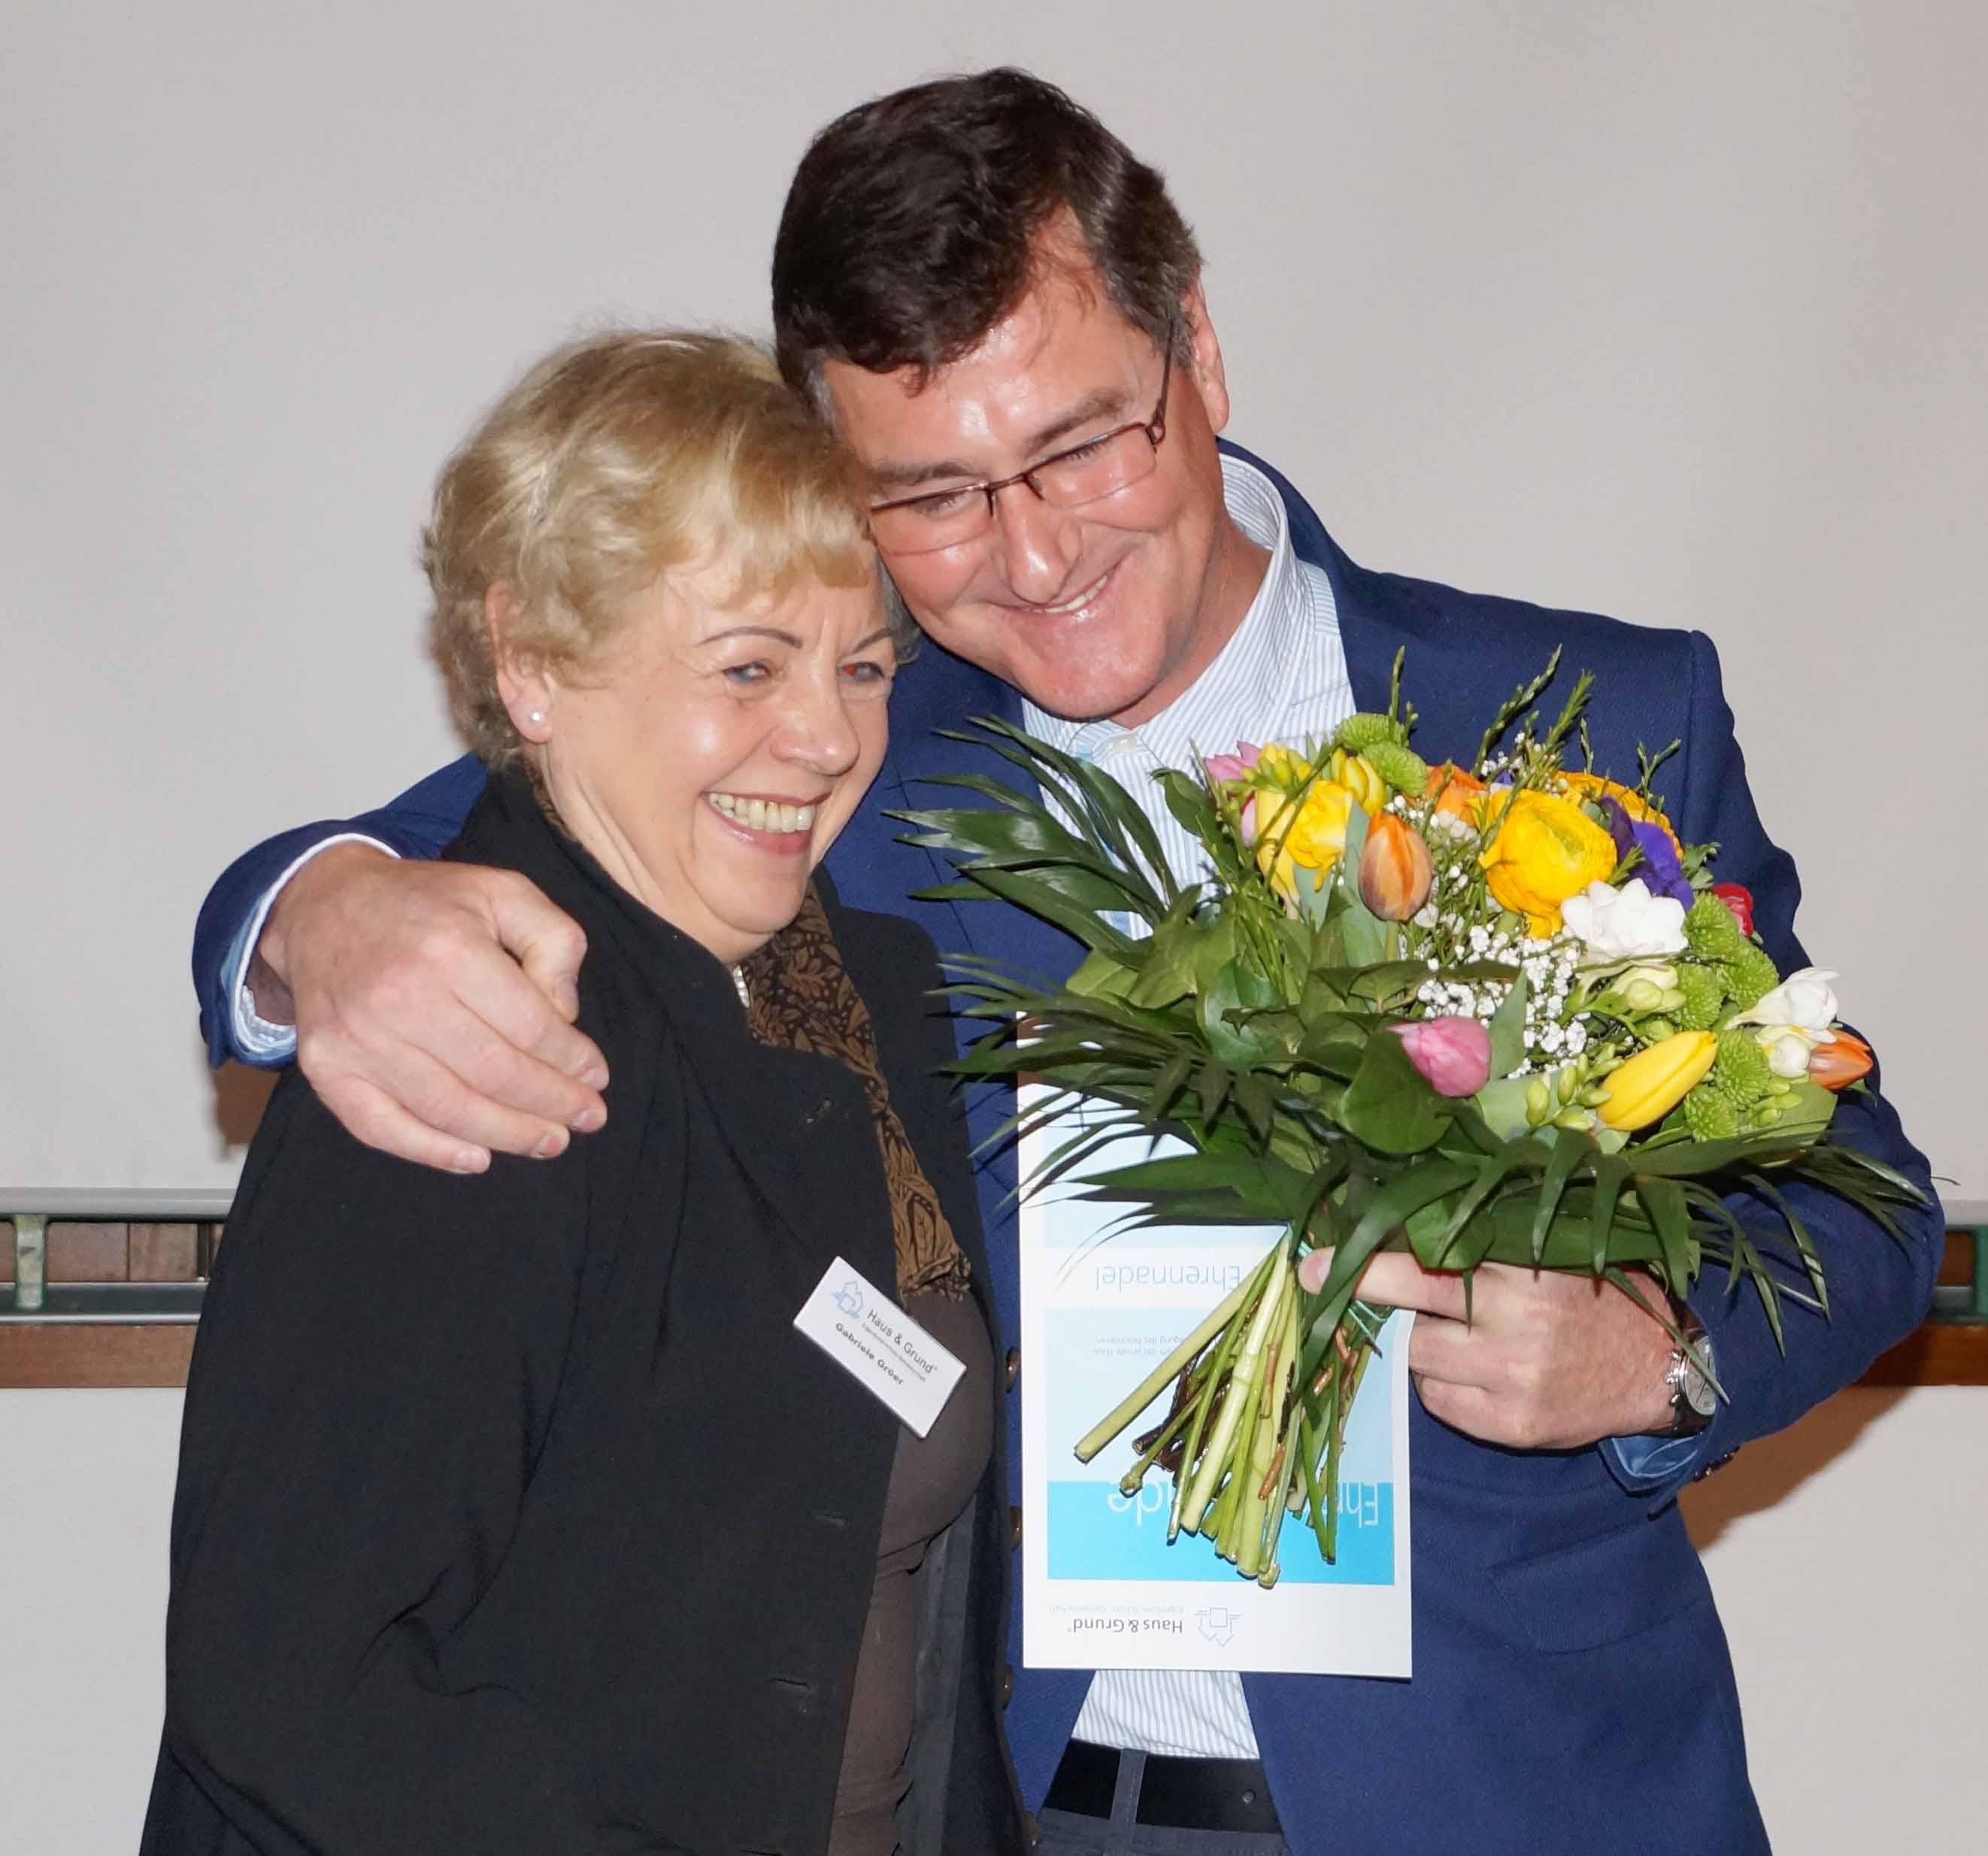 Haus Und Grund Nürnberg: Mitgliederversammlung Am 21.03.2017